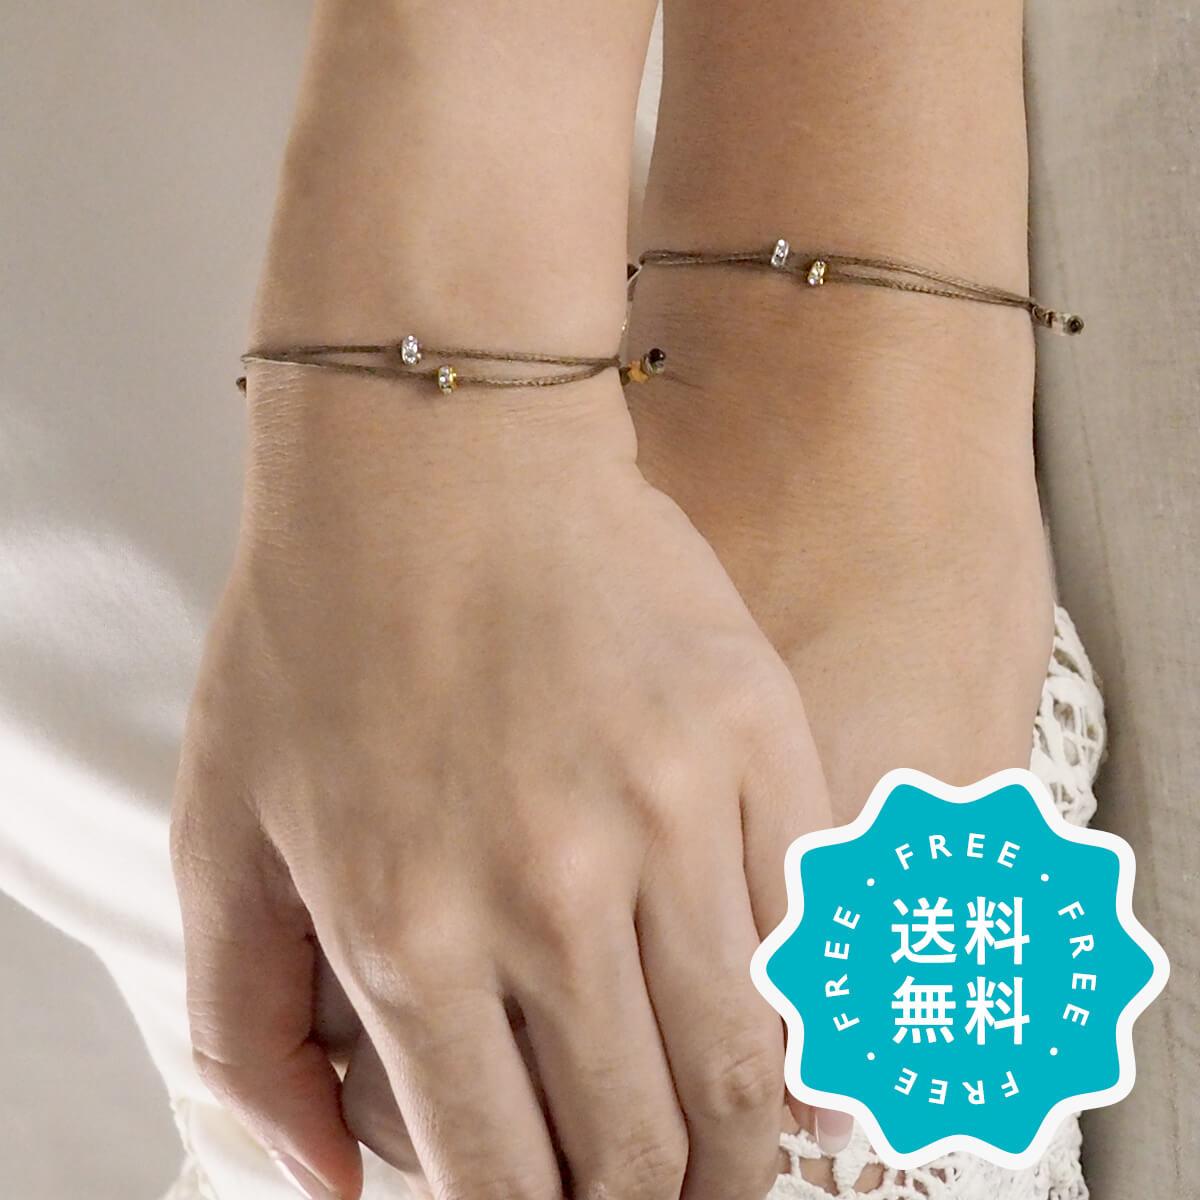 ポイント消化ブレスレット ペア つけっぱなし 日本製 2点セット ゴールド シルバー 15色 la siesta